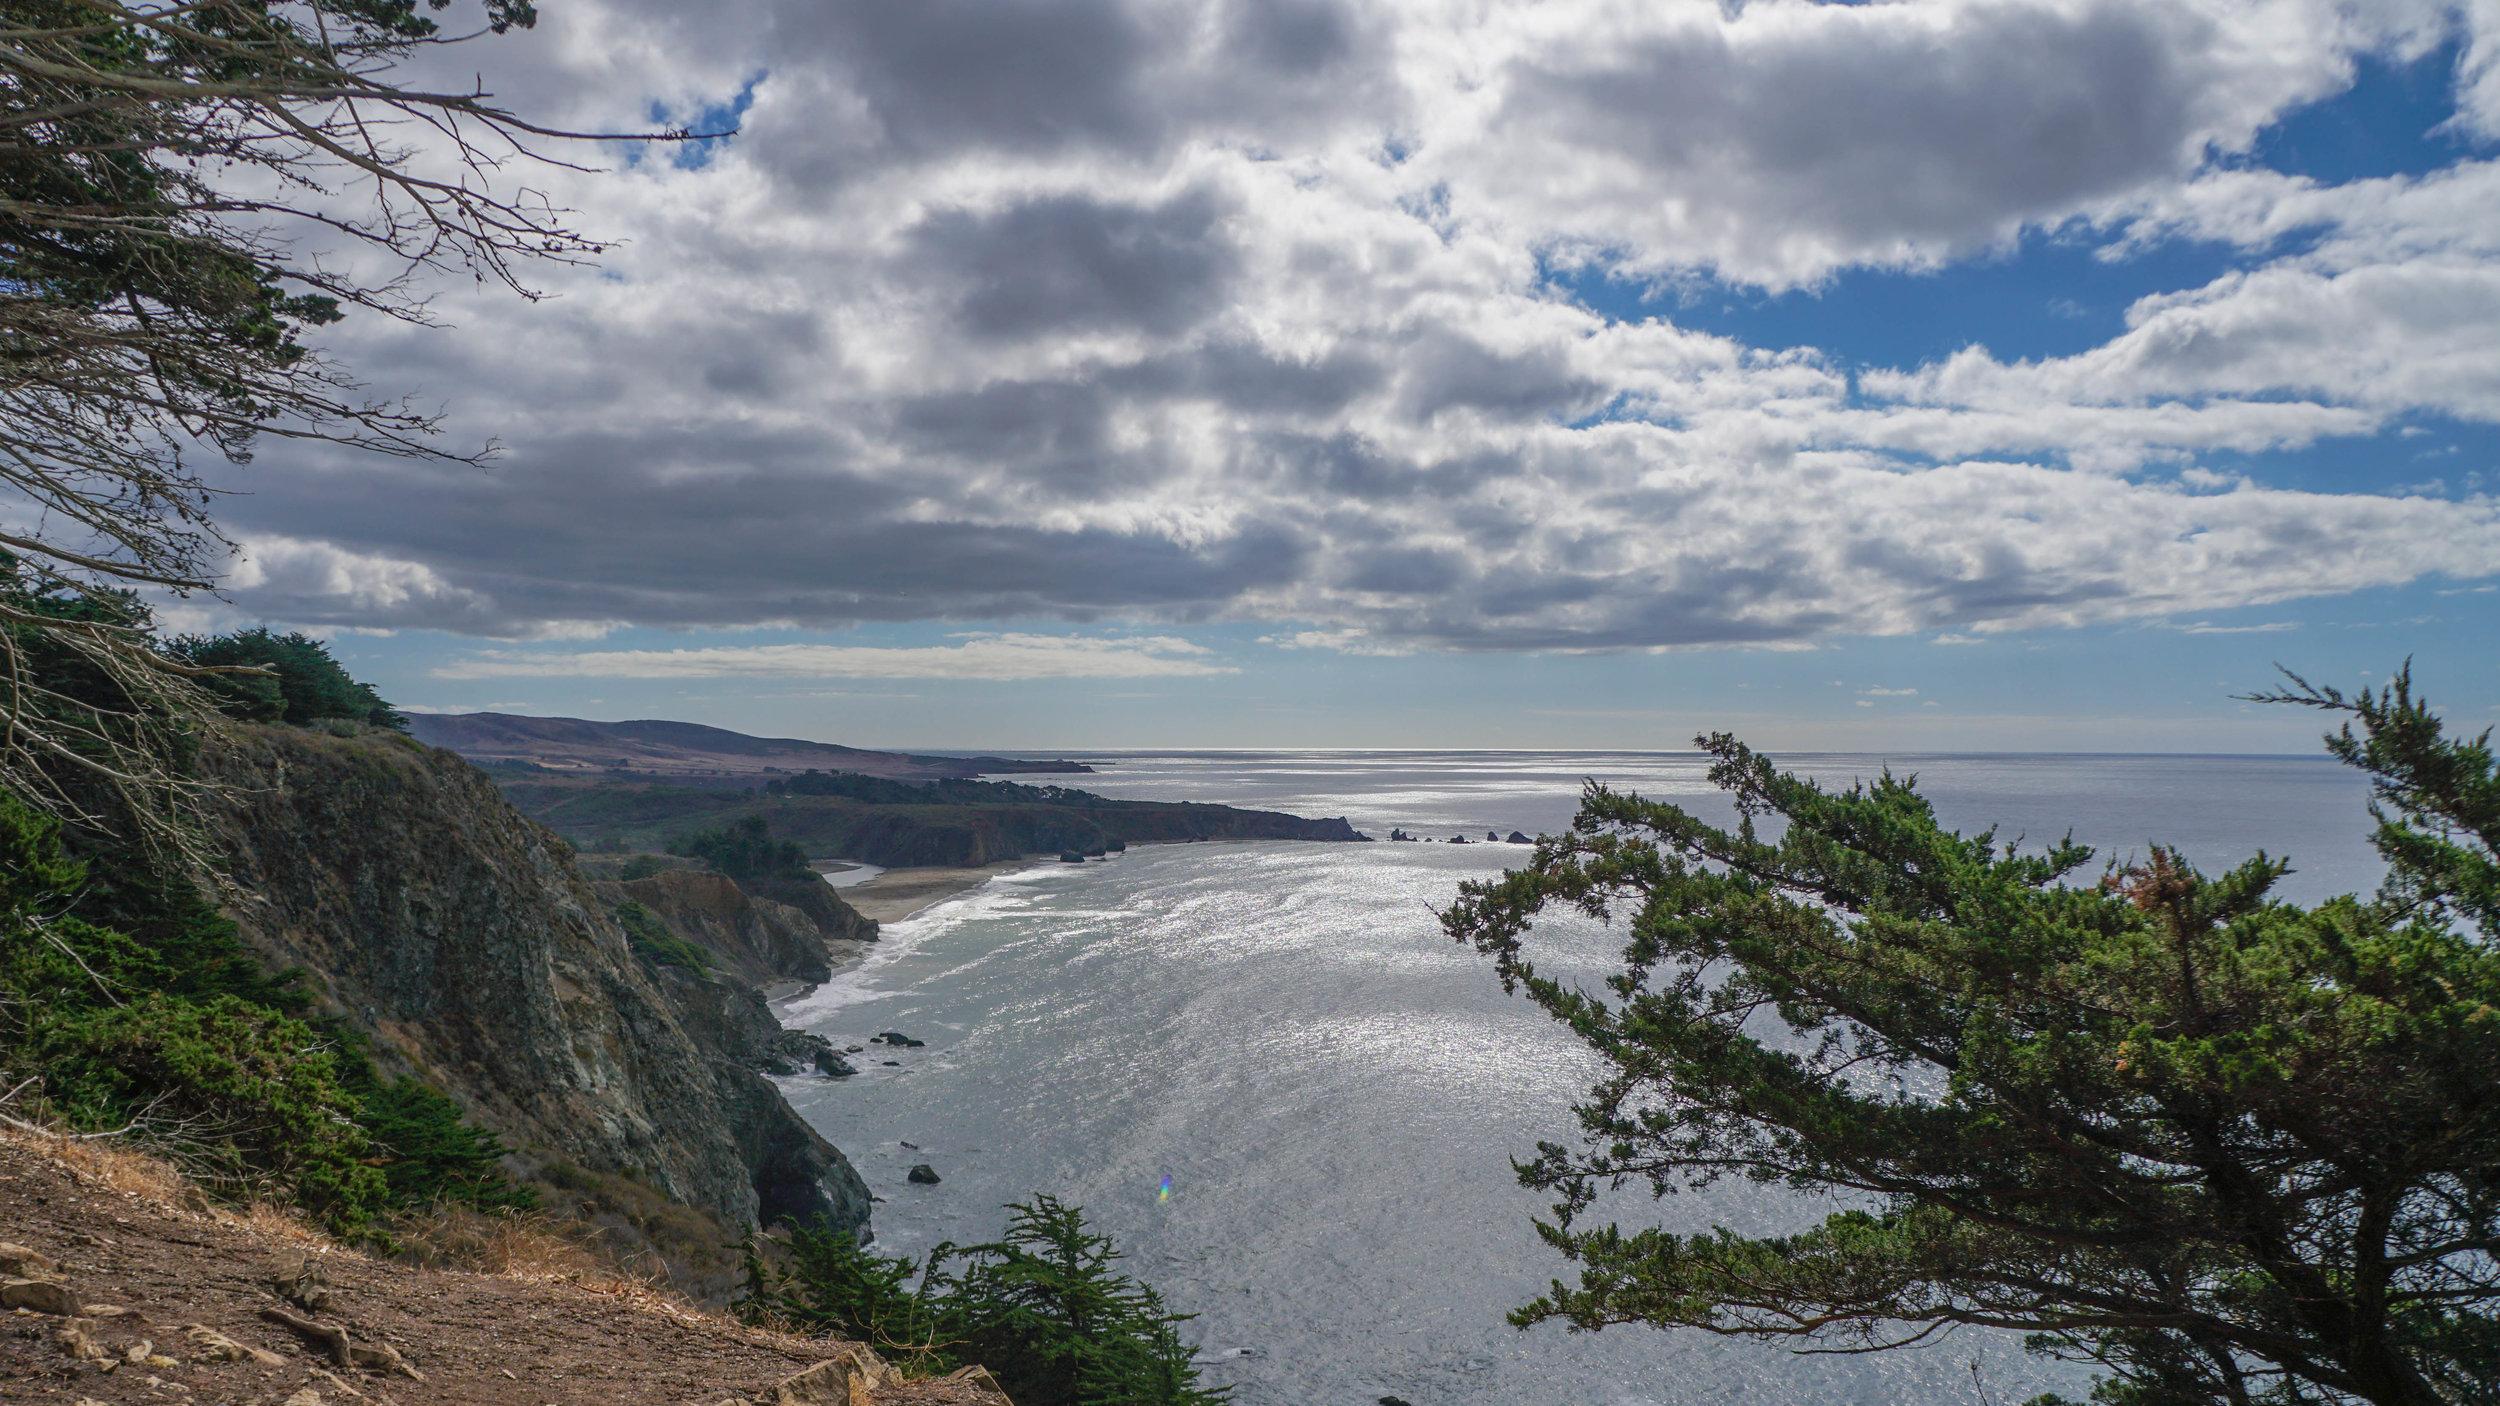 California Central Coast Big Sur 40hoursoffreedom alex sara james